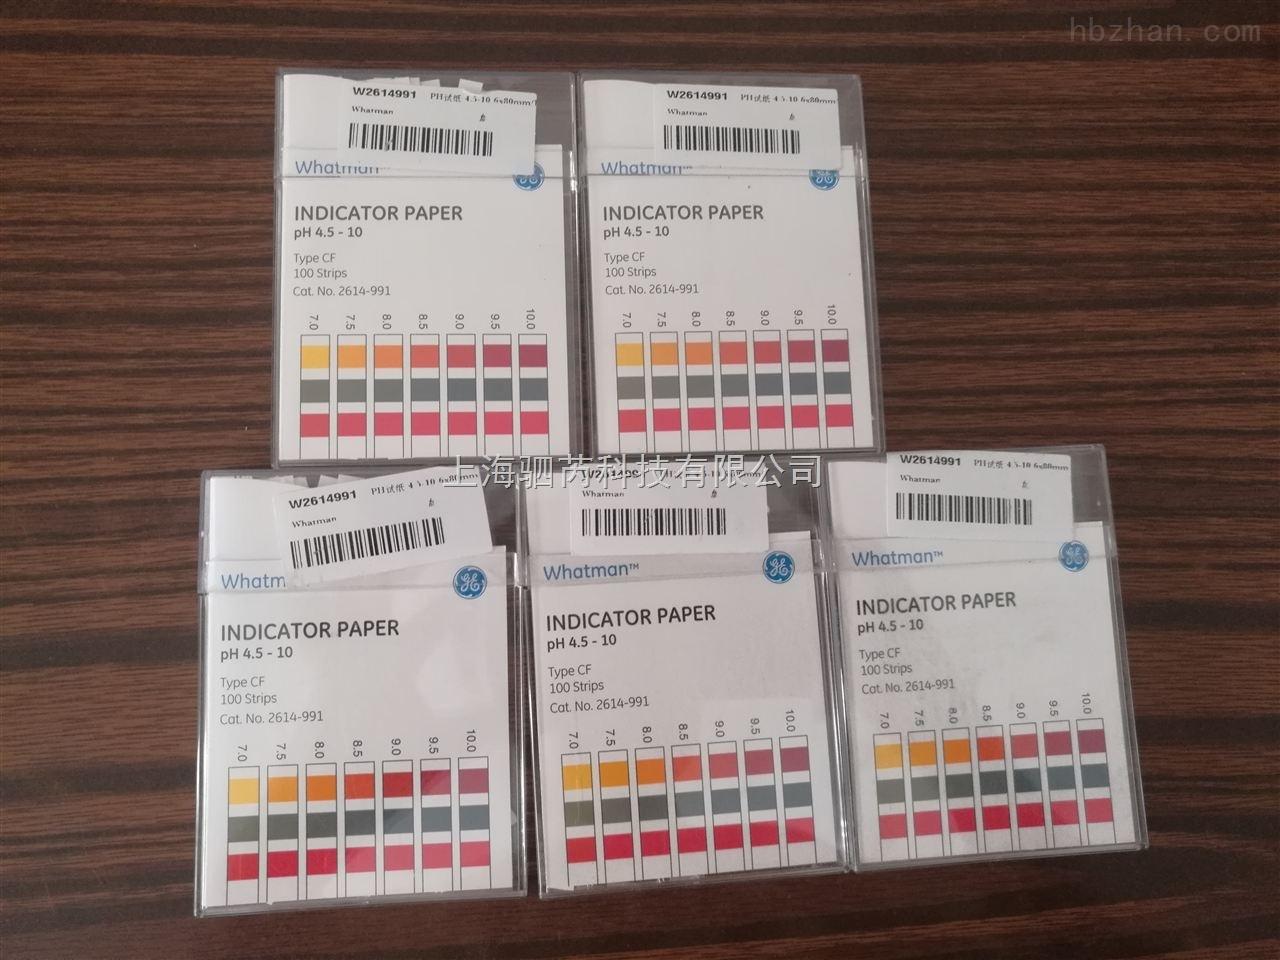 GE Whatman 沃特曼 精密pH试纸,pH 4.5-10.0